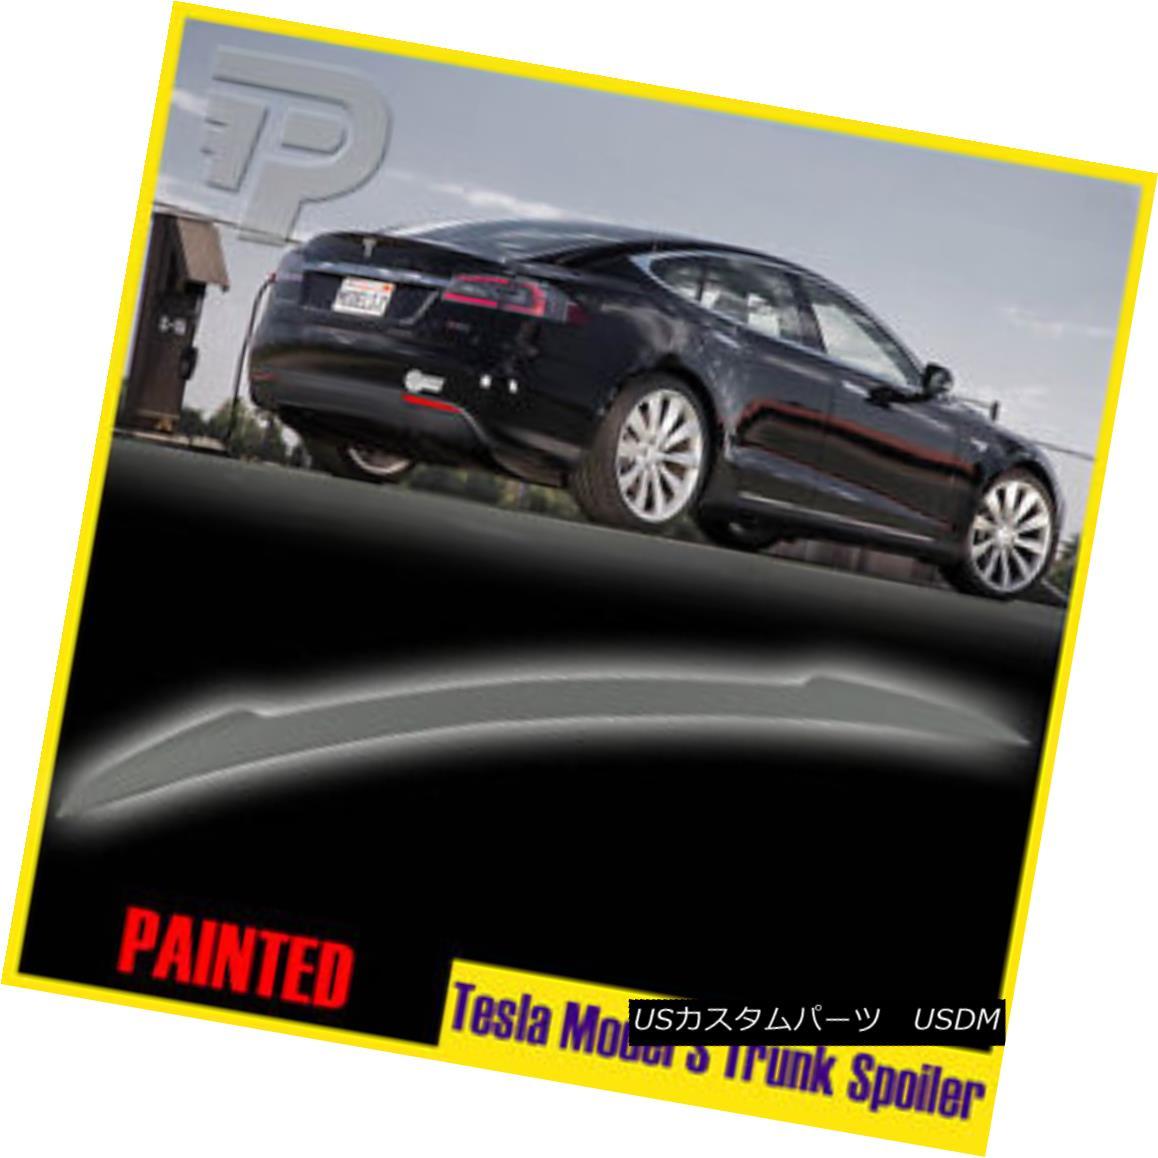 OEM Painted Color Fit 12-18 Tesla Model S 4Dr Sedan Painted Rear Trunk Spoiler